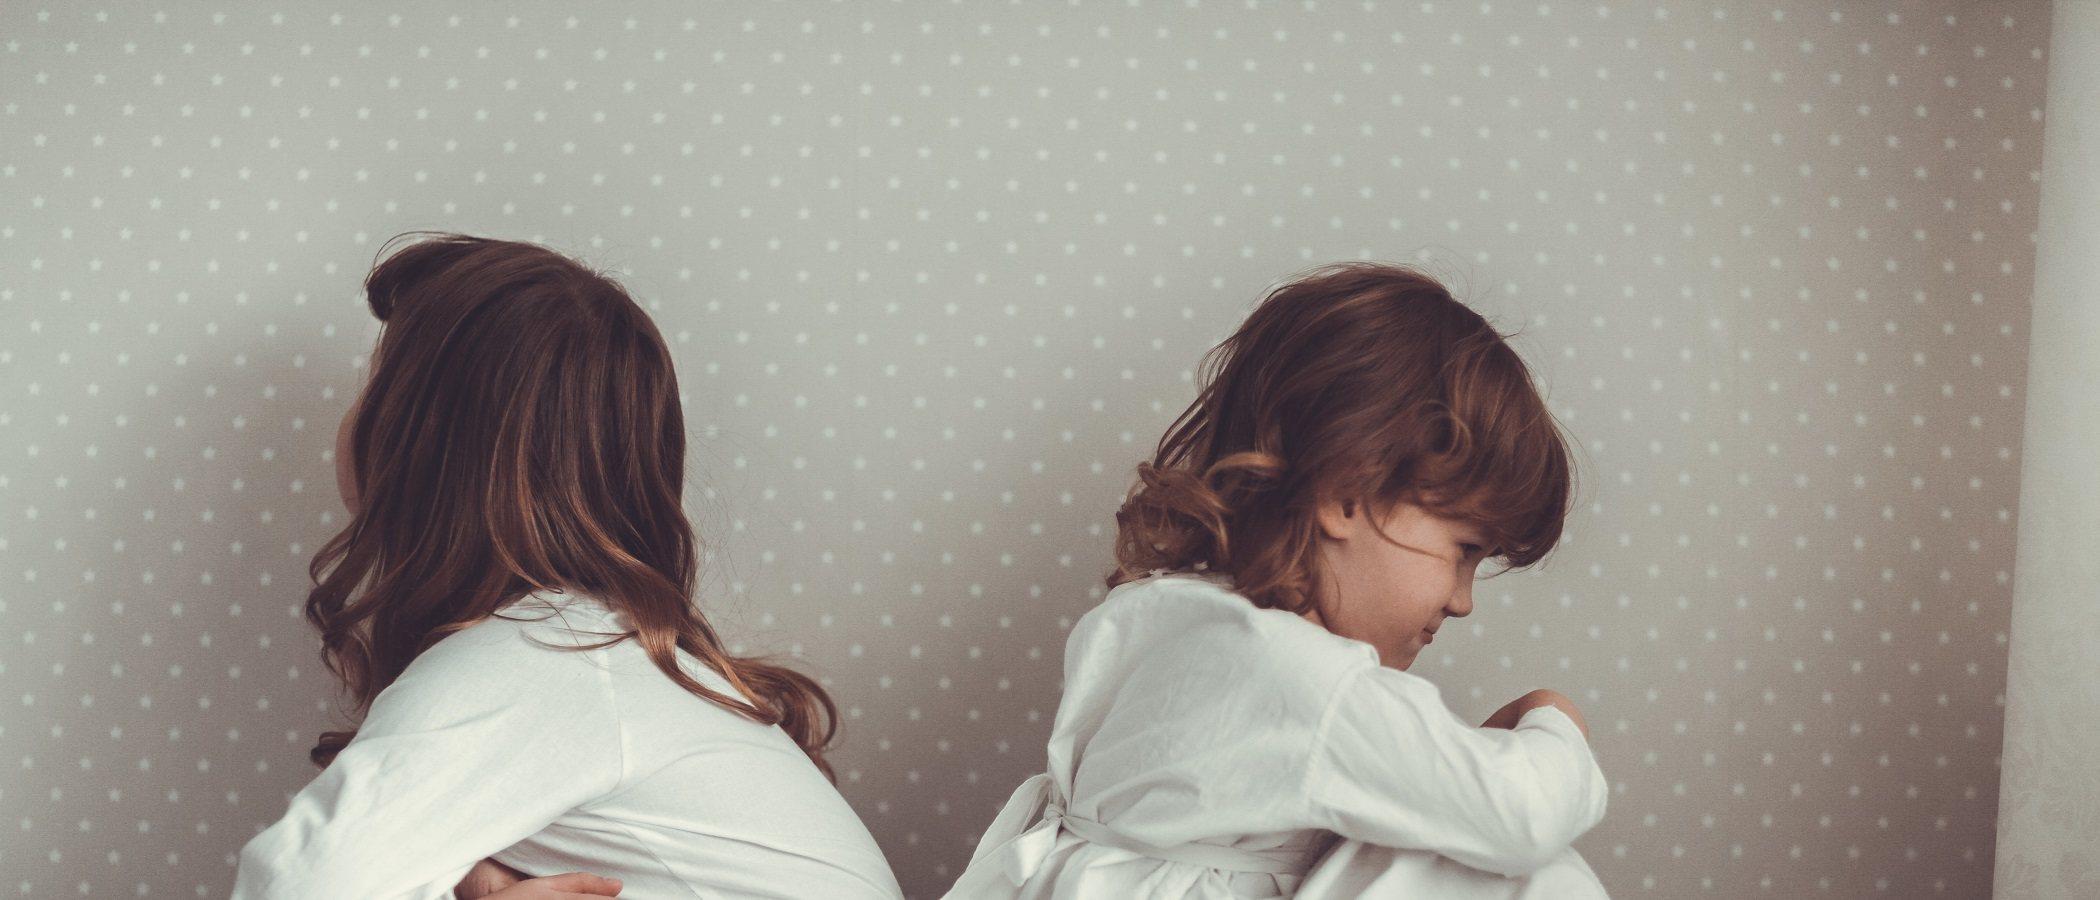 Cómo solucionar un conflicto entre hermanas